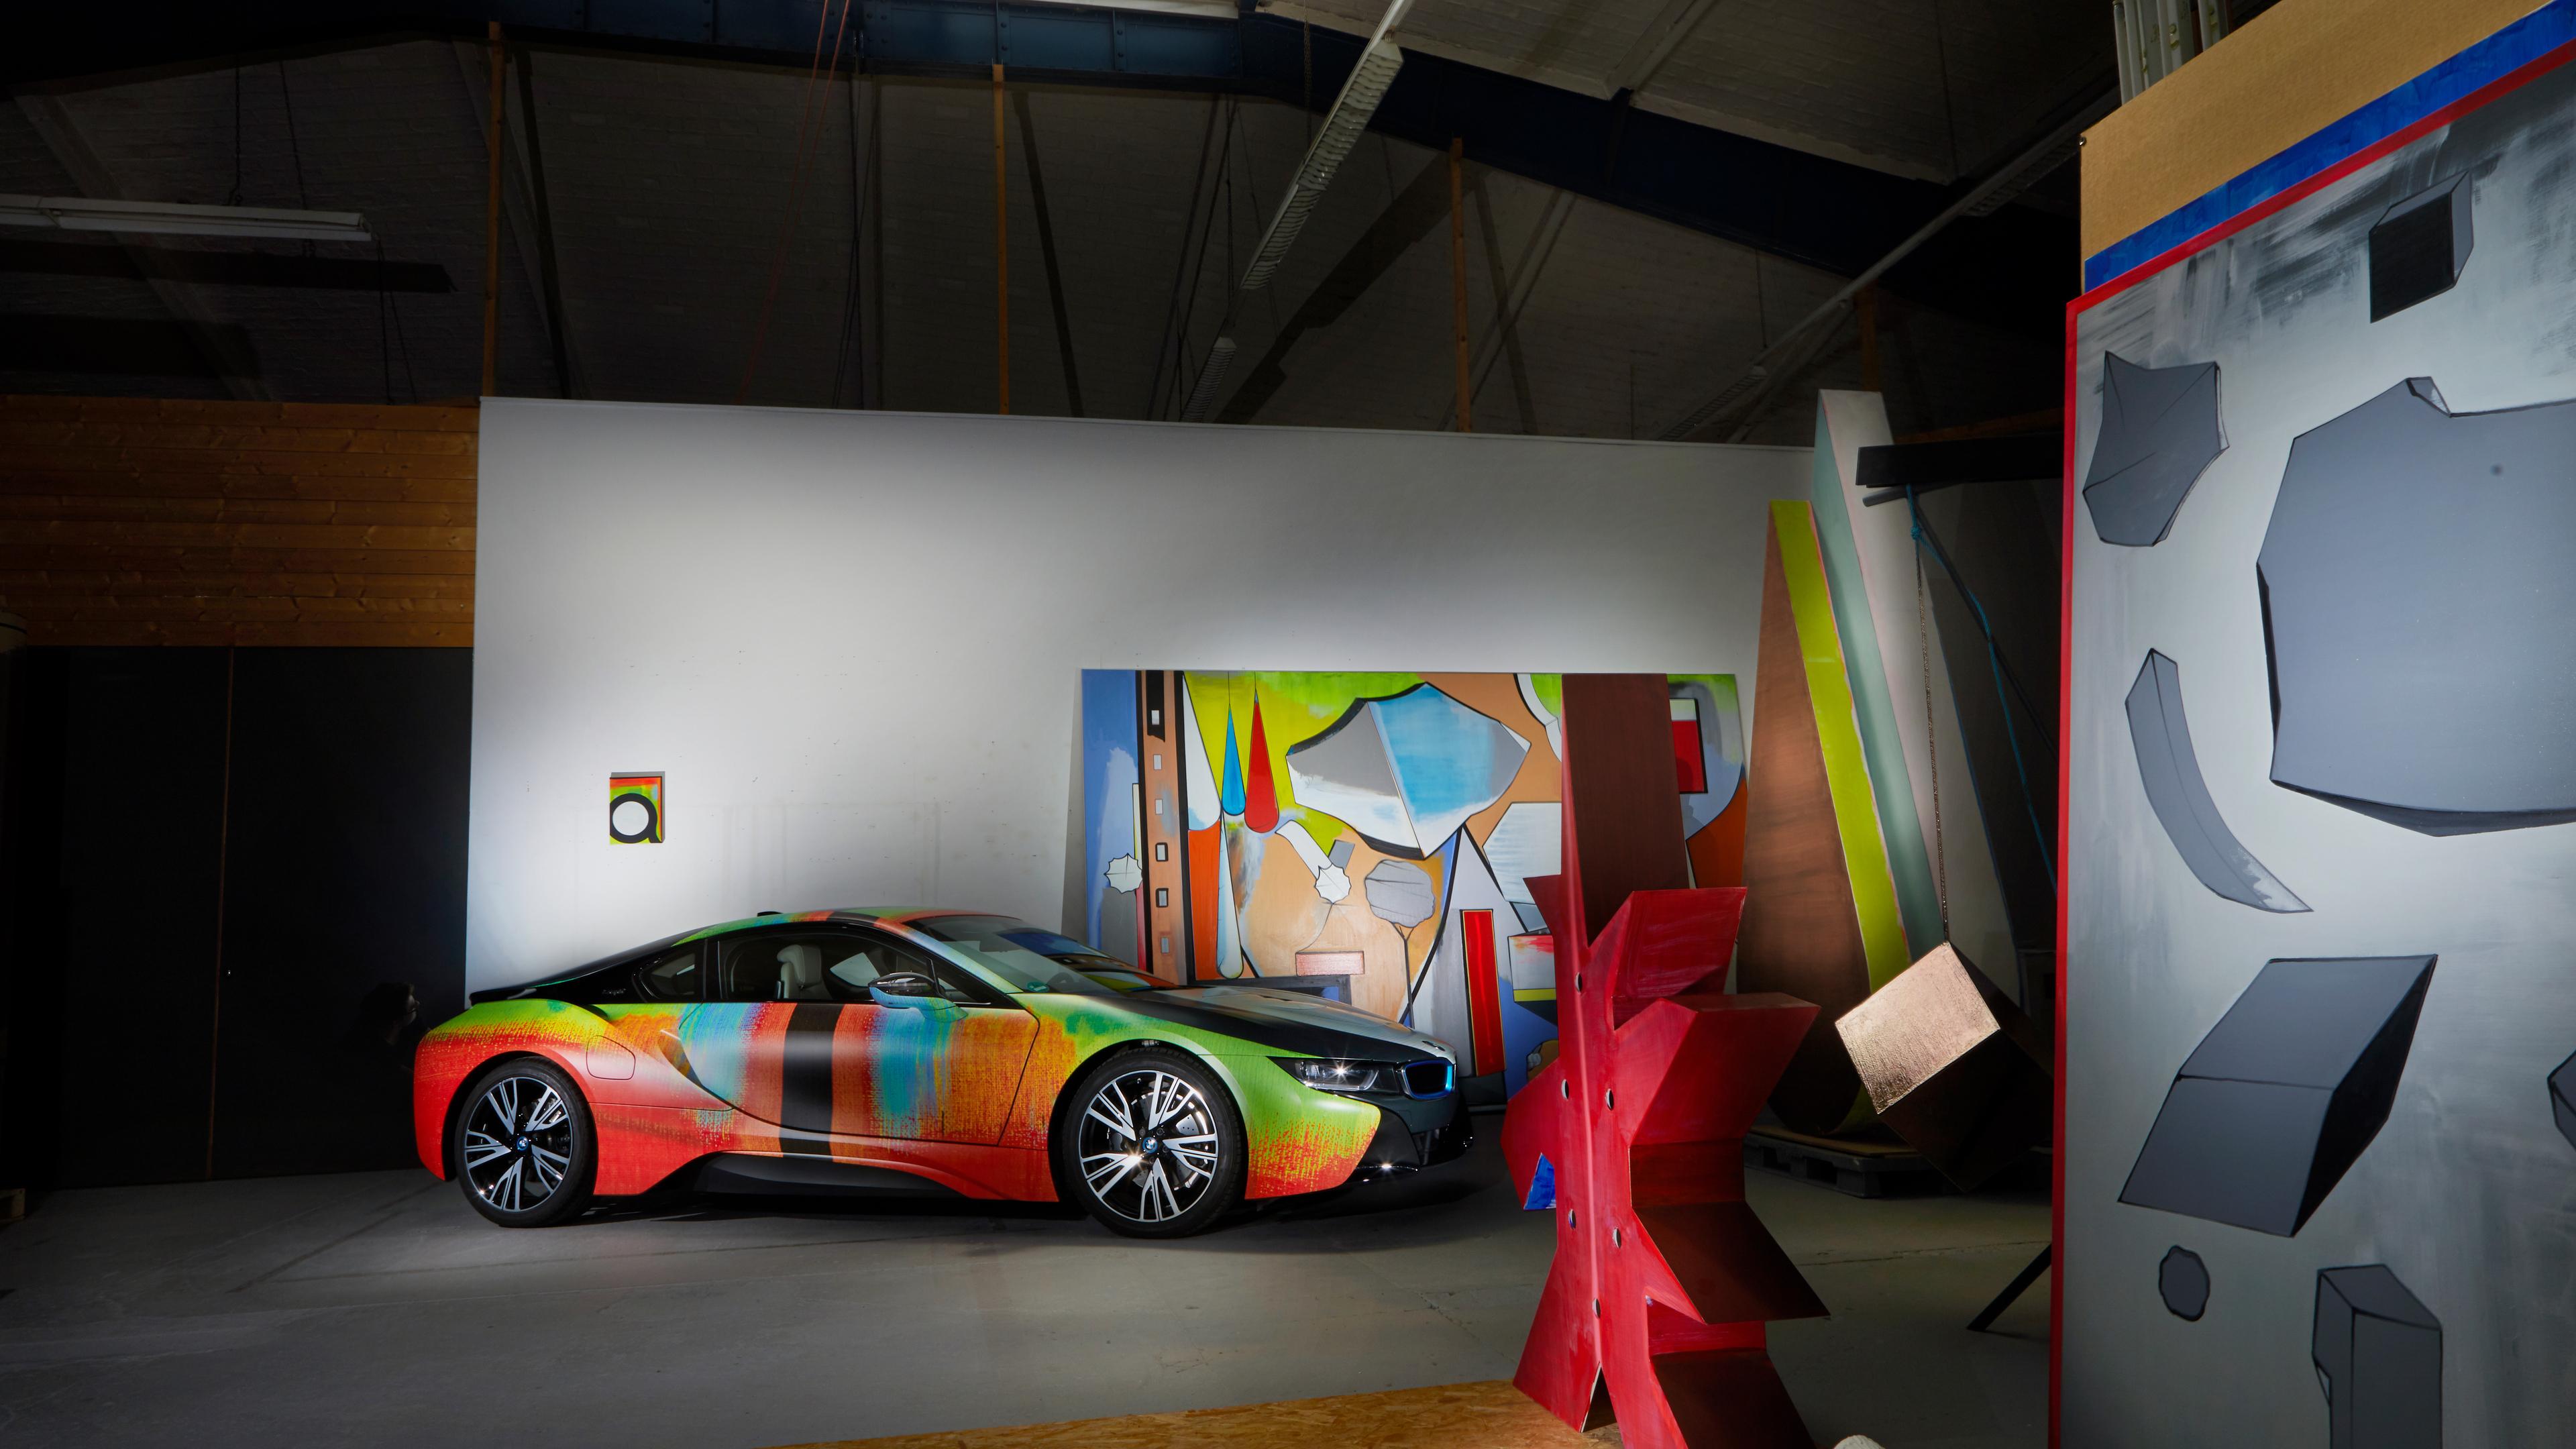 bmw i8 thomas scheibitz design 4k 1560534260 - BMW I8 Thomas Scheibitz Design 4k - hd-wallpapers, cars wallpapers, bmw wallpapers, bmw i8 wallpapers, 4k-wallpapers, 2019 cars wallpapers